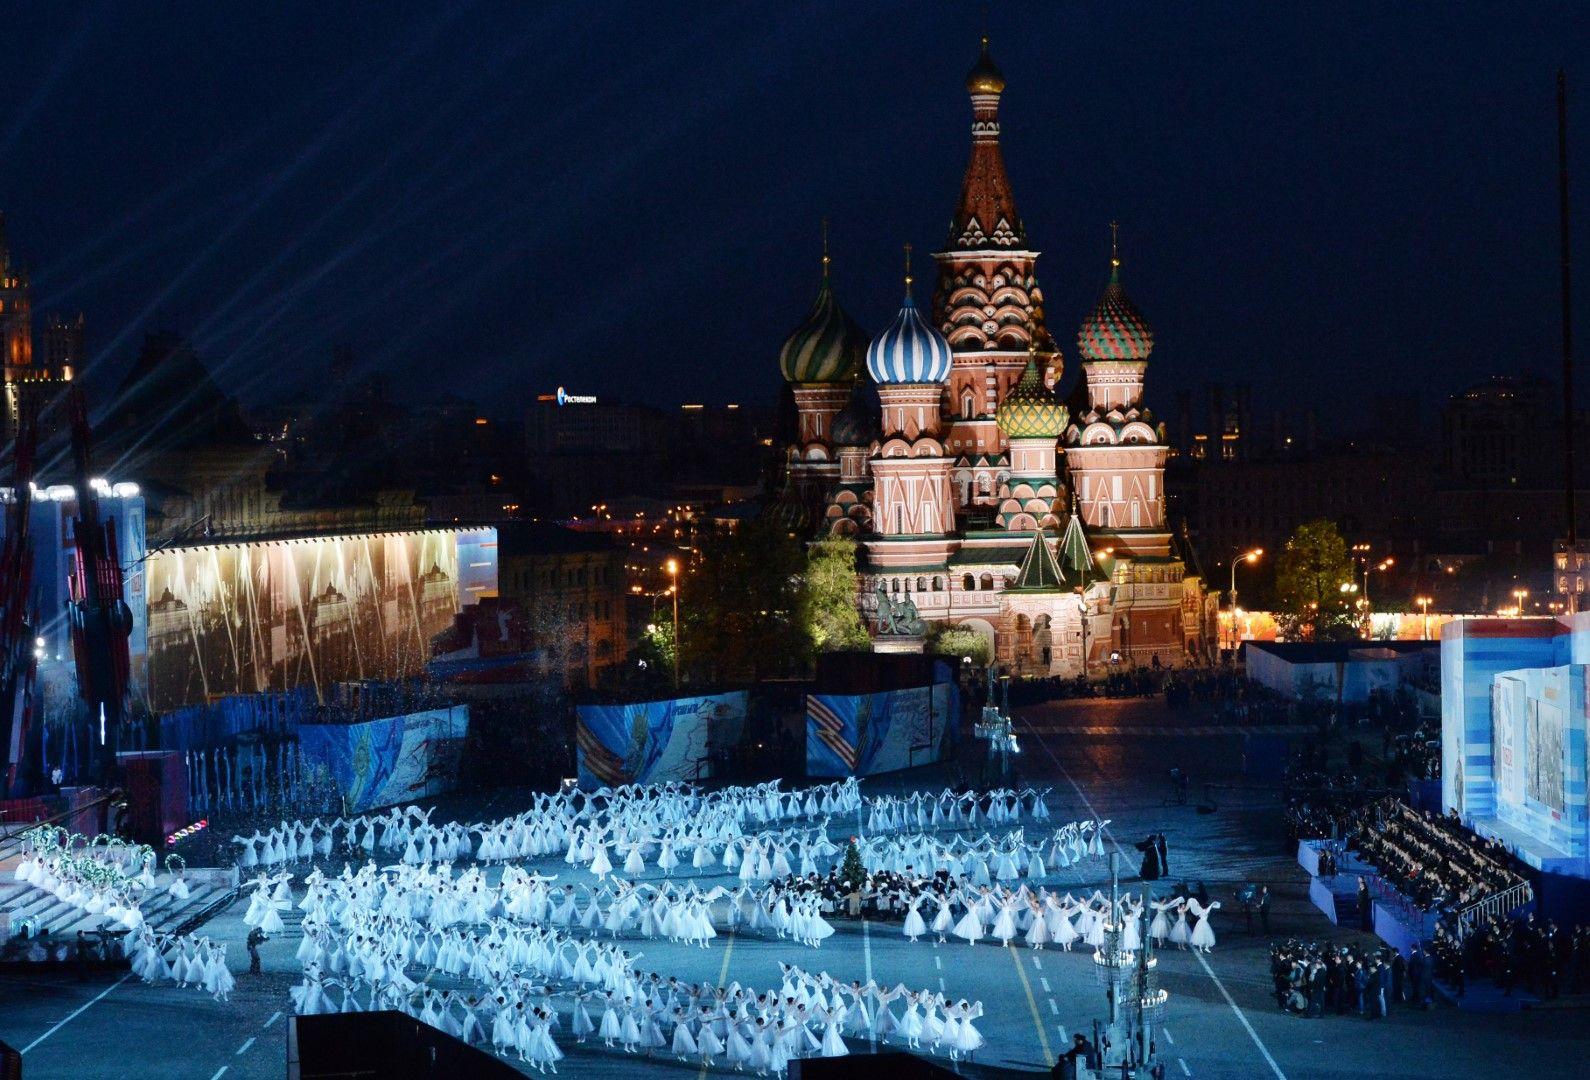 Тържествата на Червения площад в Москва по случай 70-годишнината от победата във Втората световна война, 9 май 2015 г.